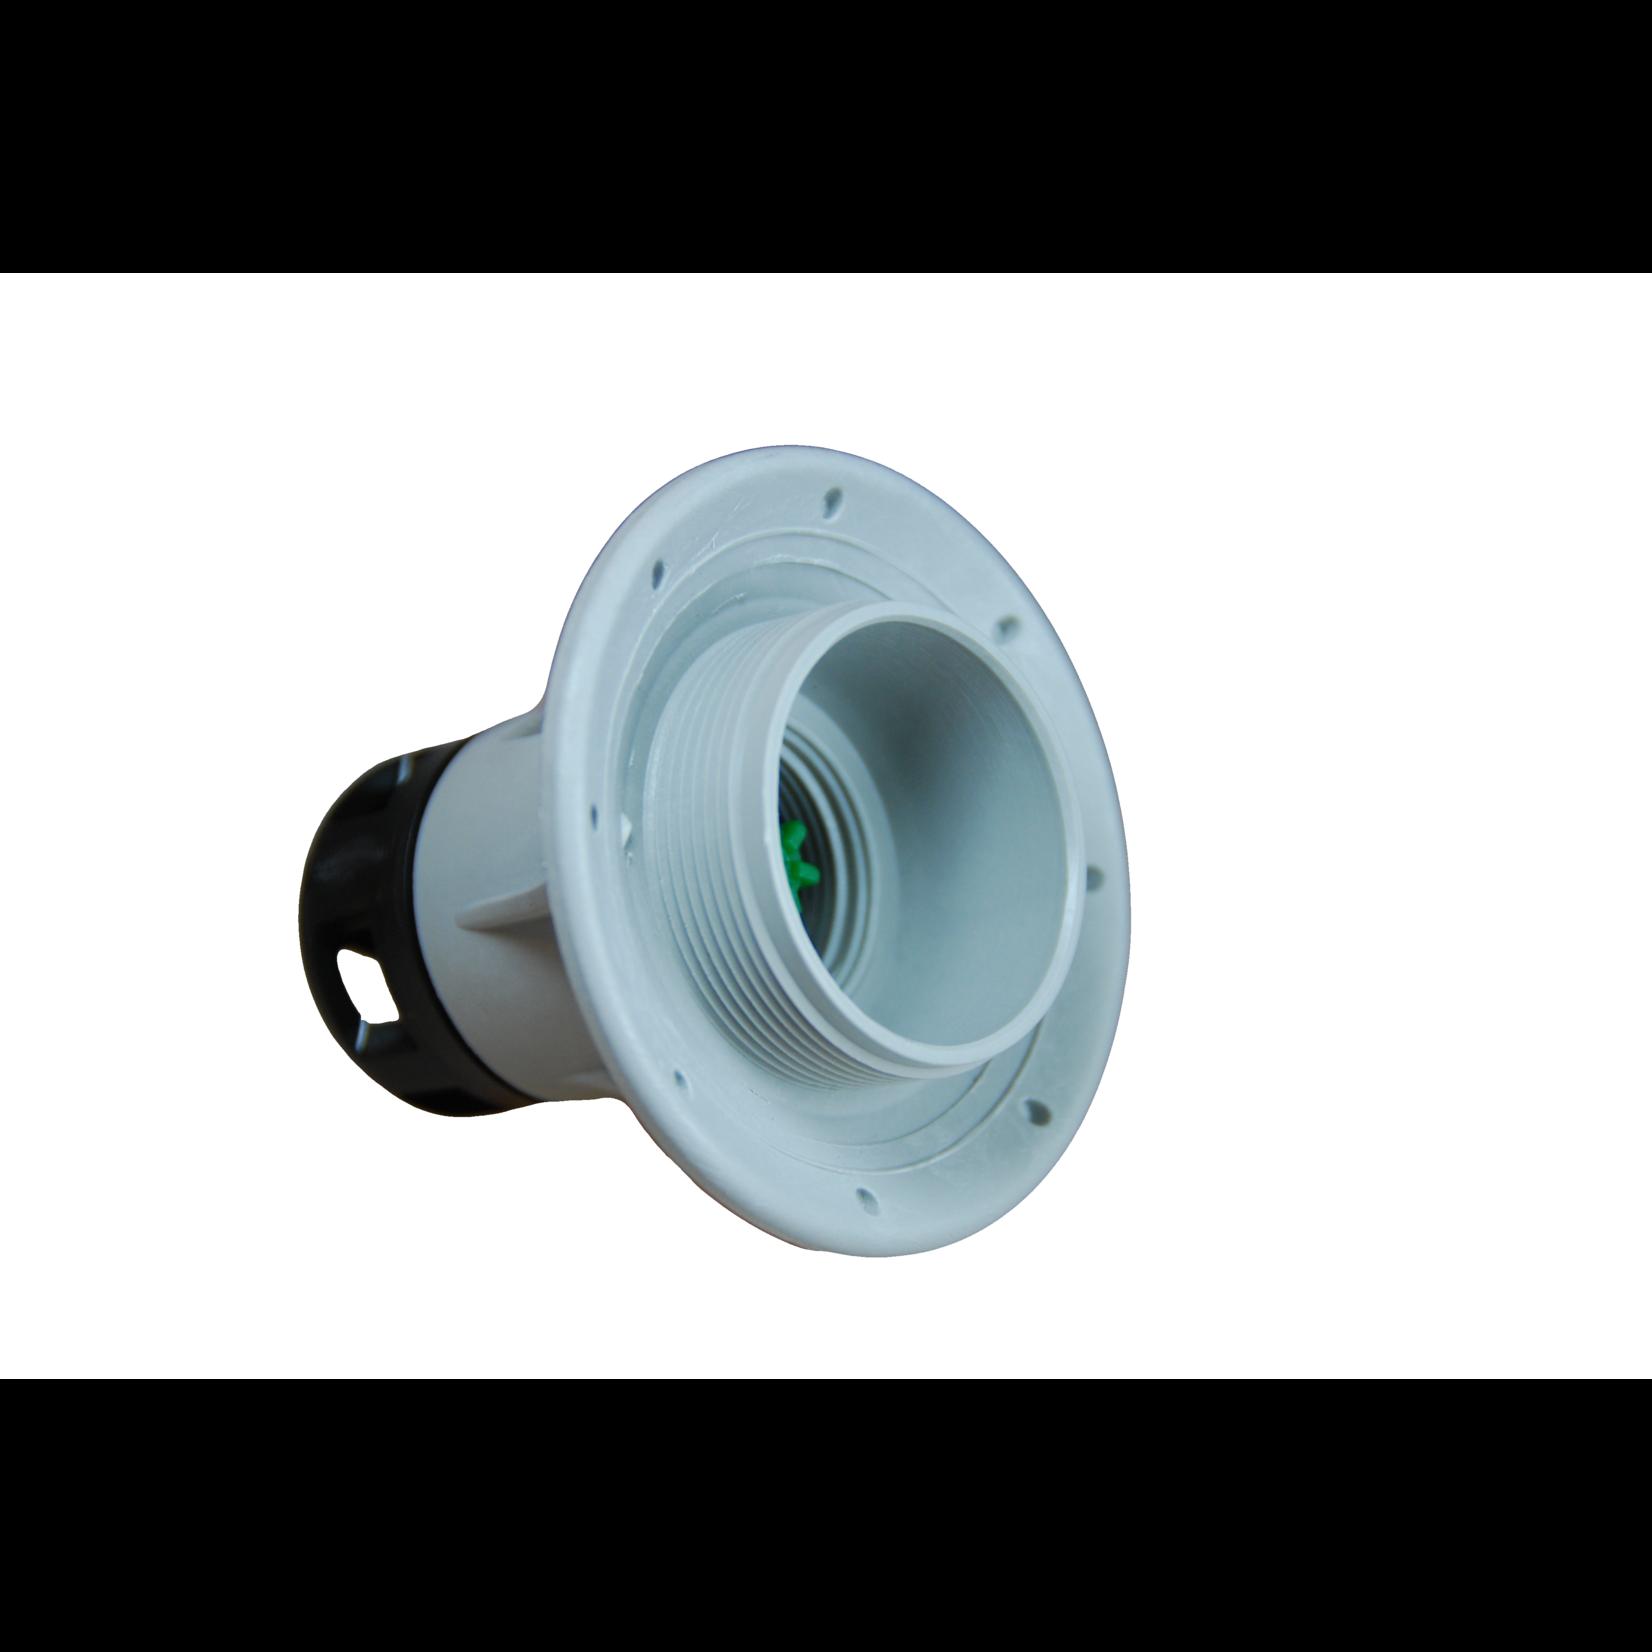 Zodiac Ventielbehuizing - Z60217 - ouder type ventiel